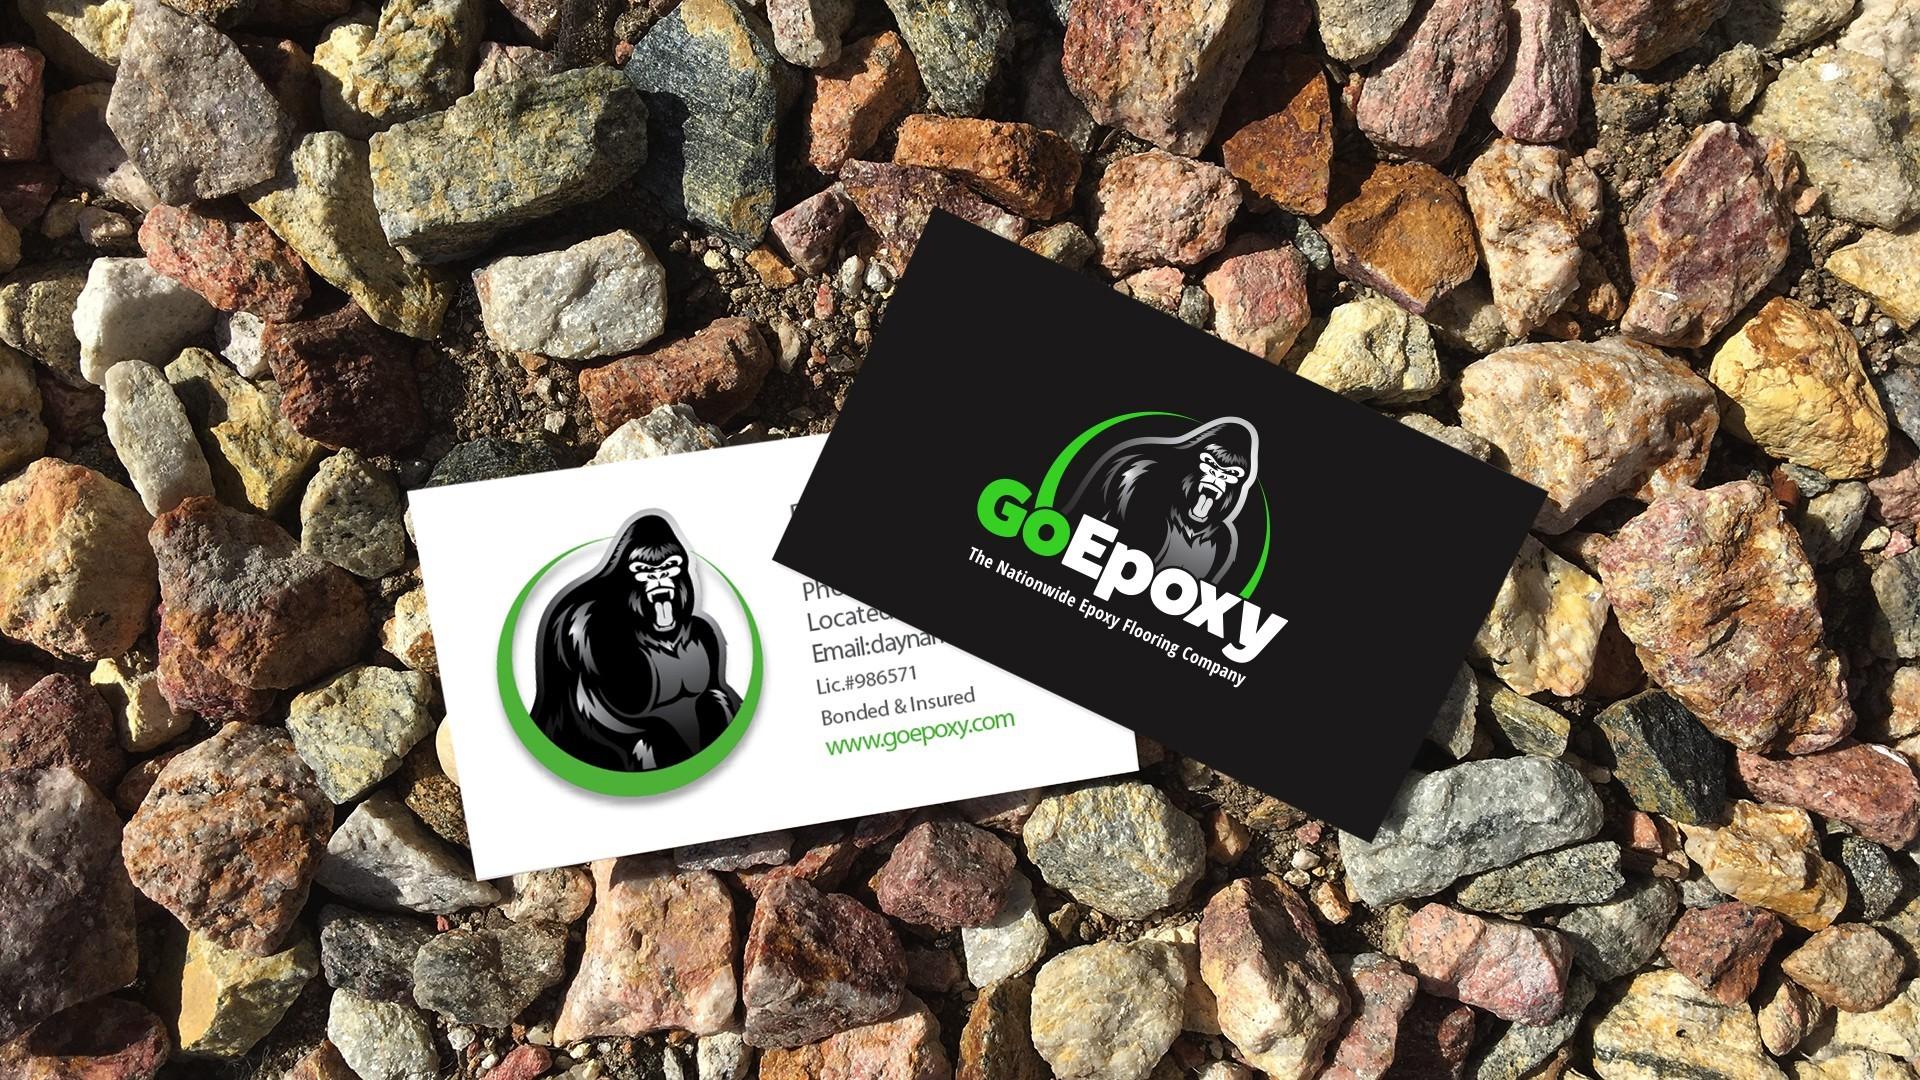 Go Epoxy